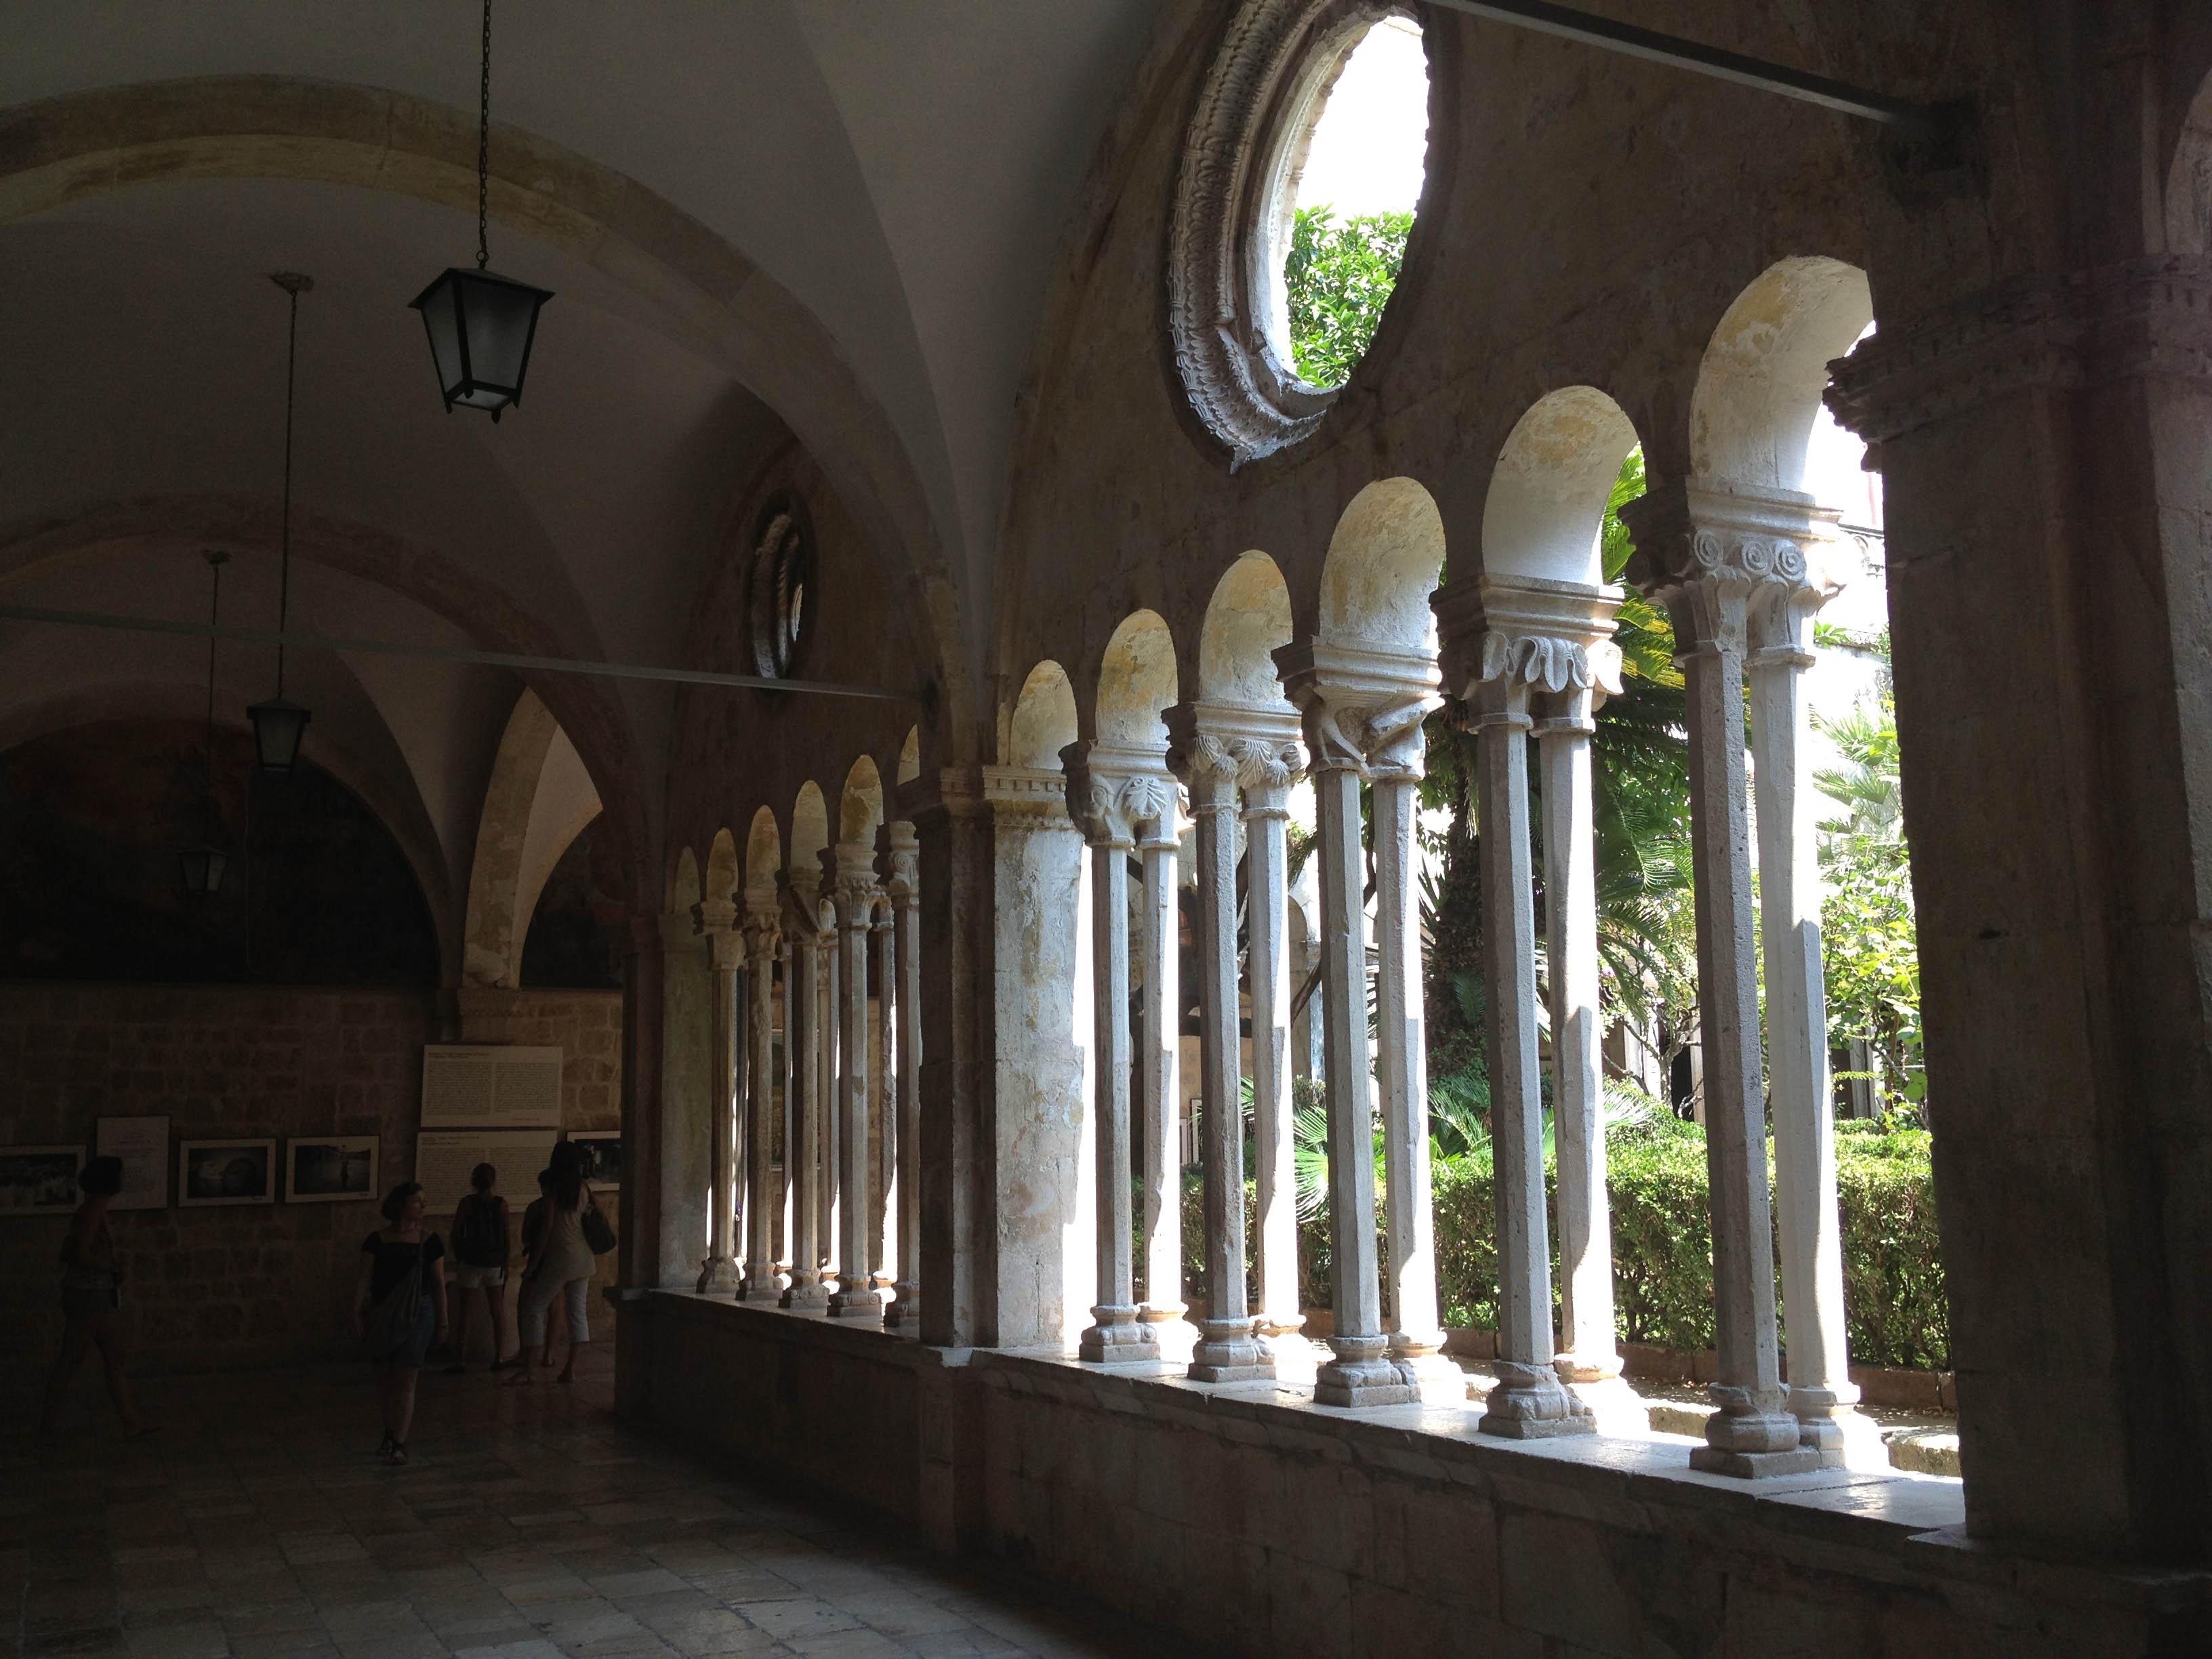 courtyard garden behind the colonnades